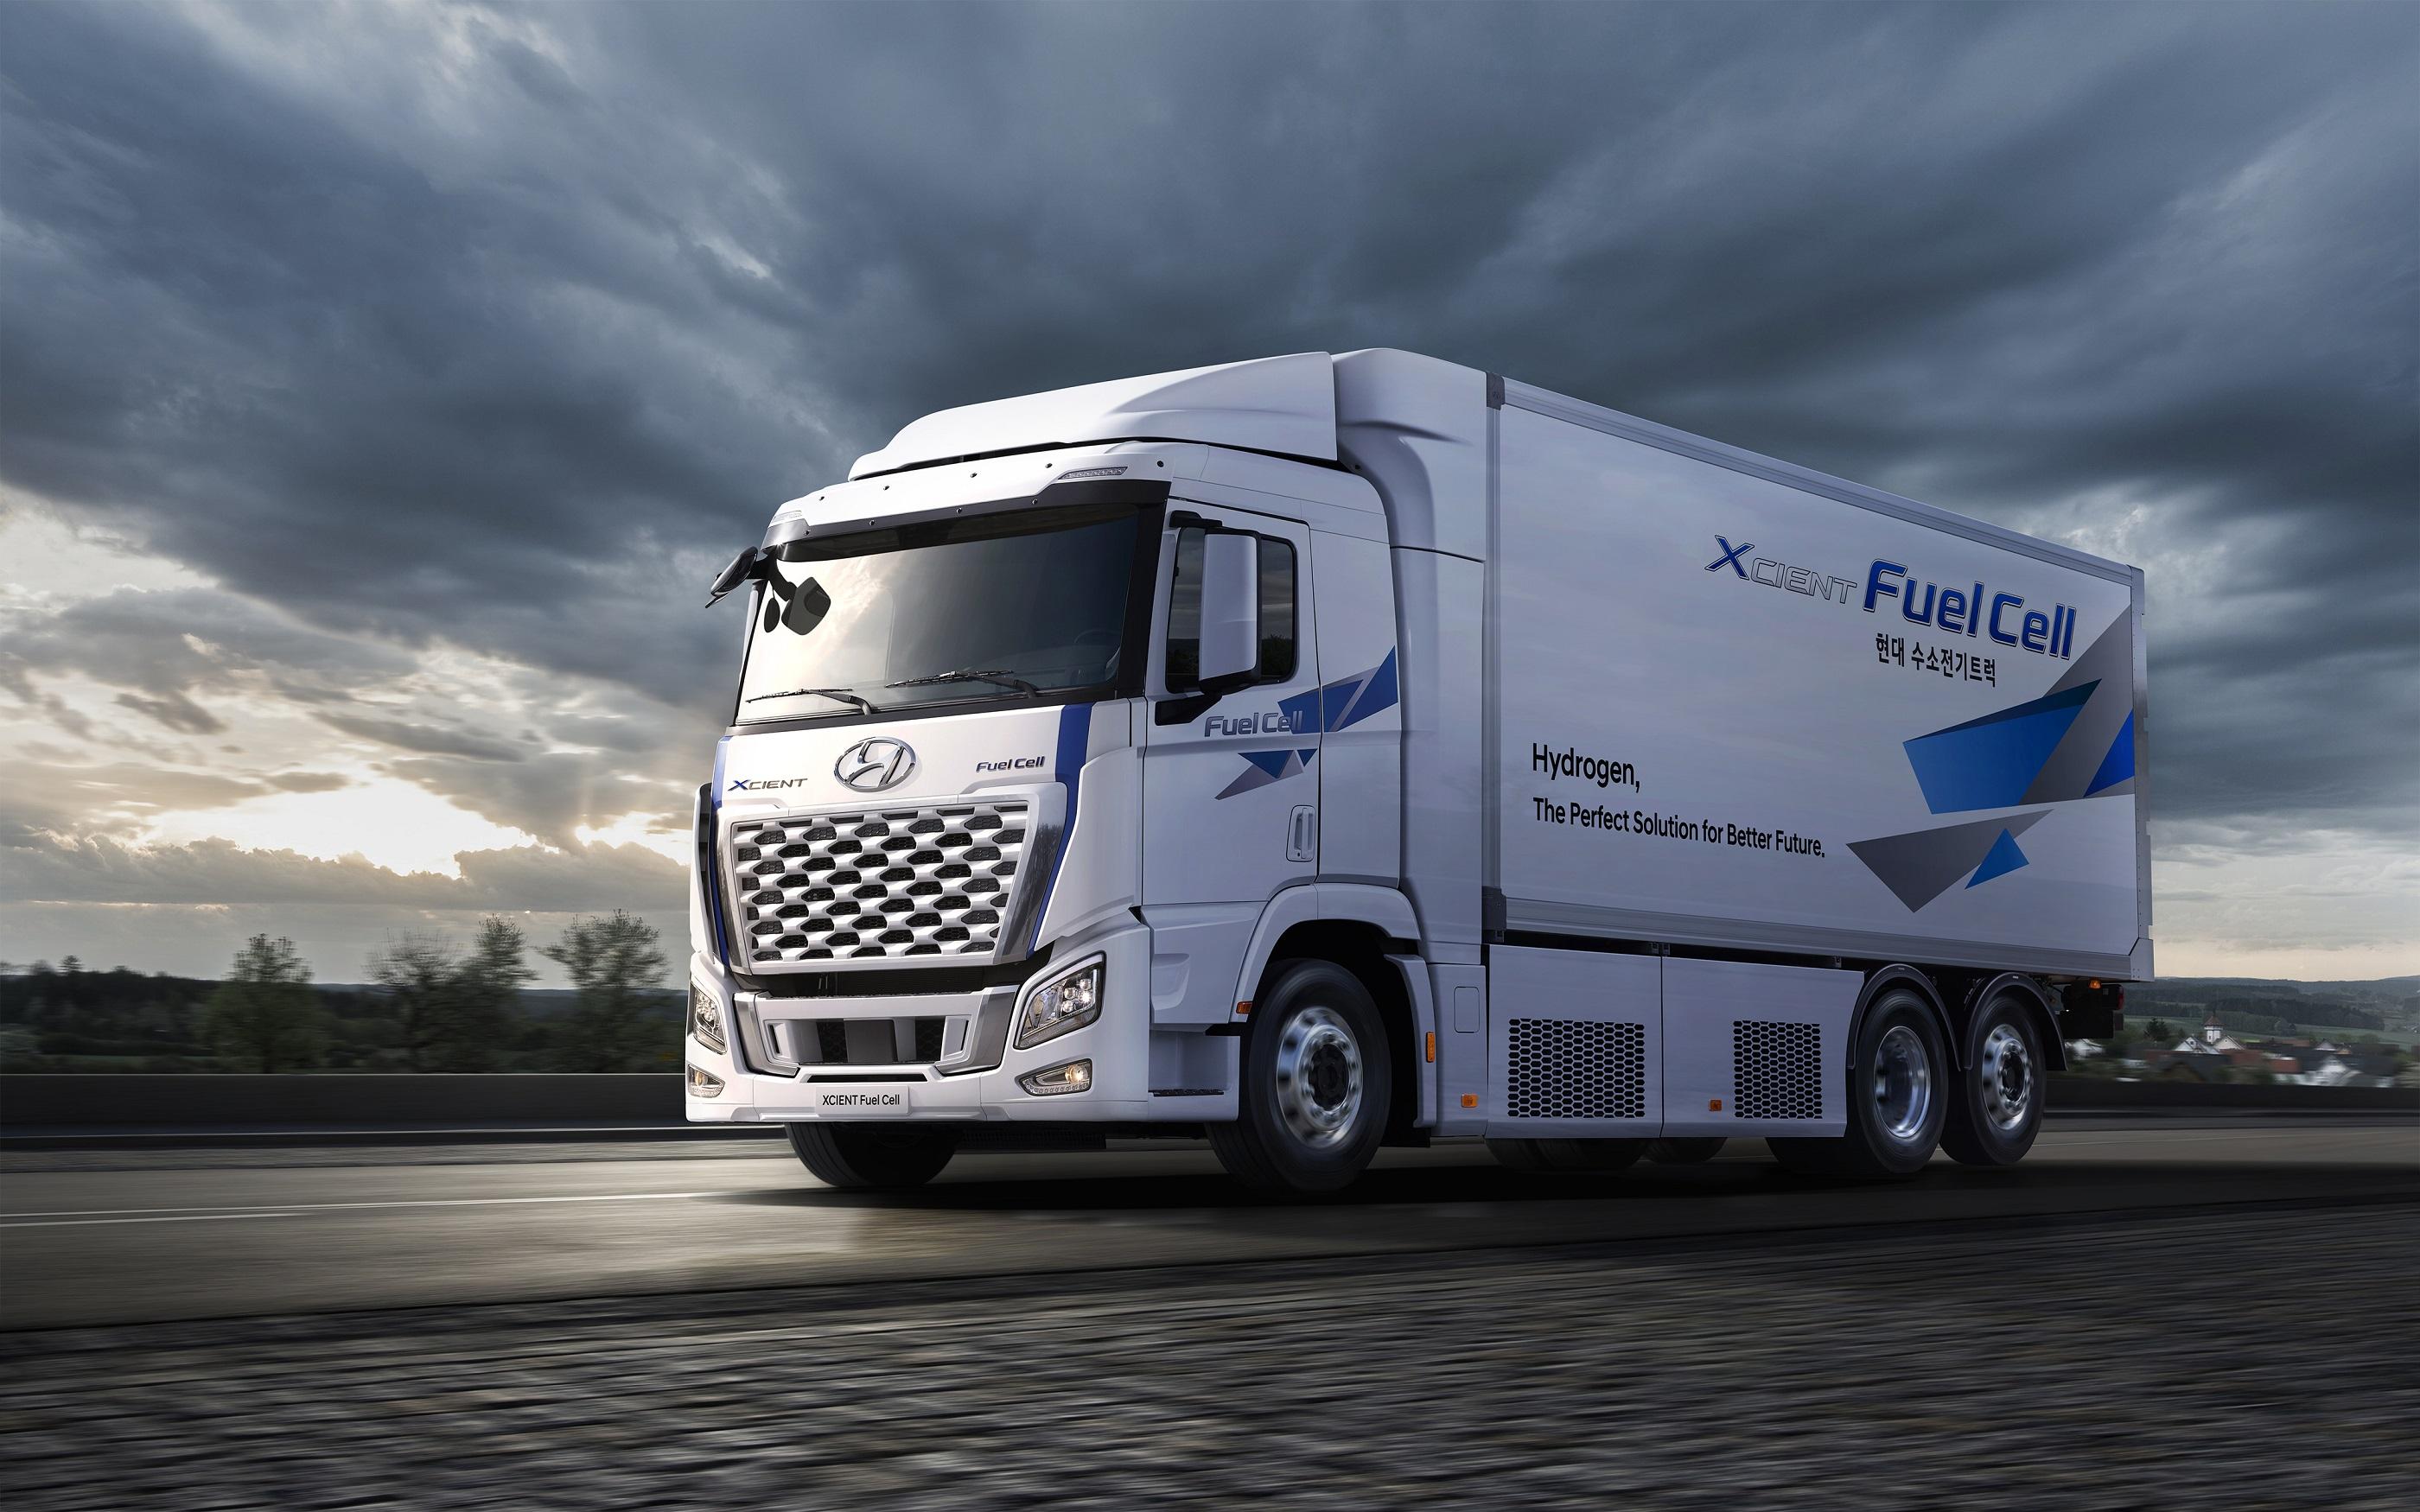 Segunda geração de caminhões a hidrogênio já roda pela Europa